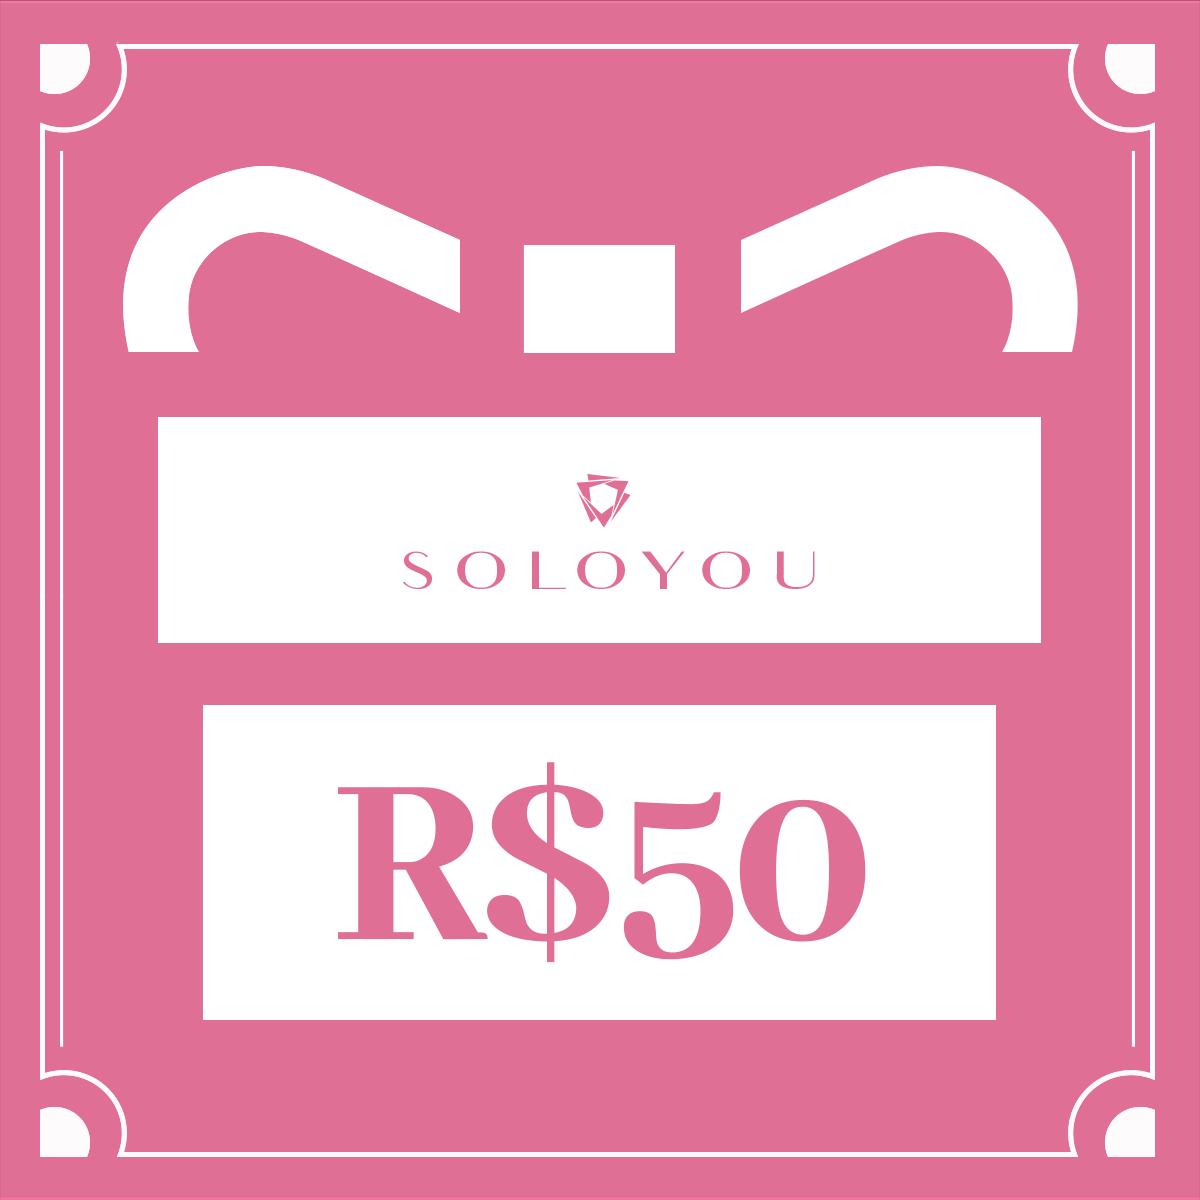 Cartão Presente Surpreenda com Soloyou - R$ 50  - Soloyou